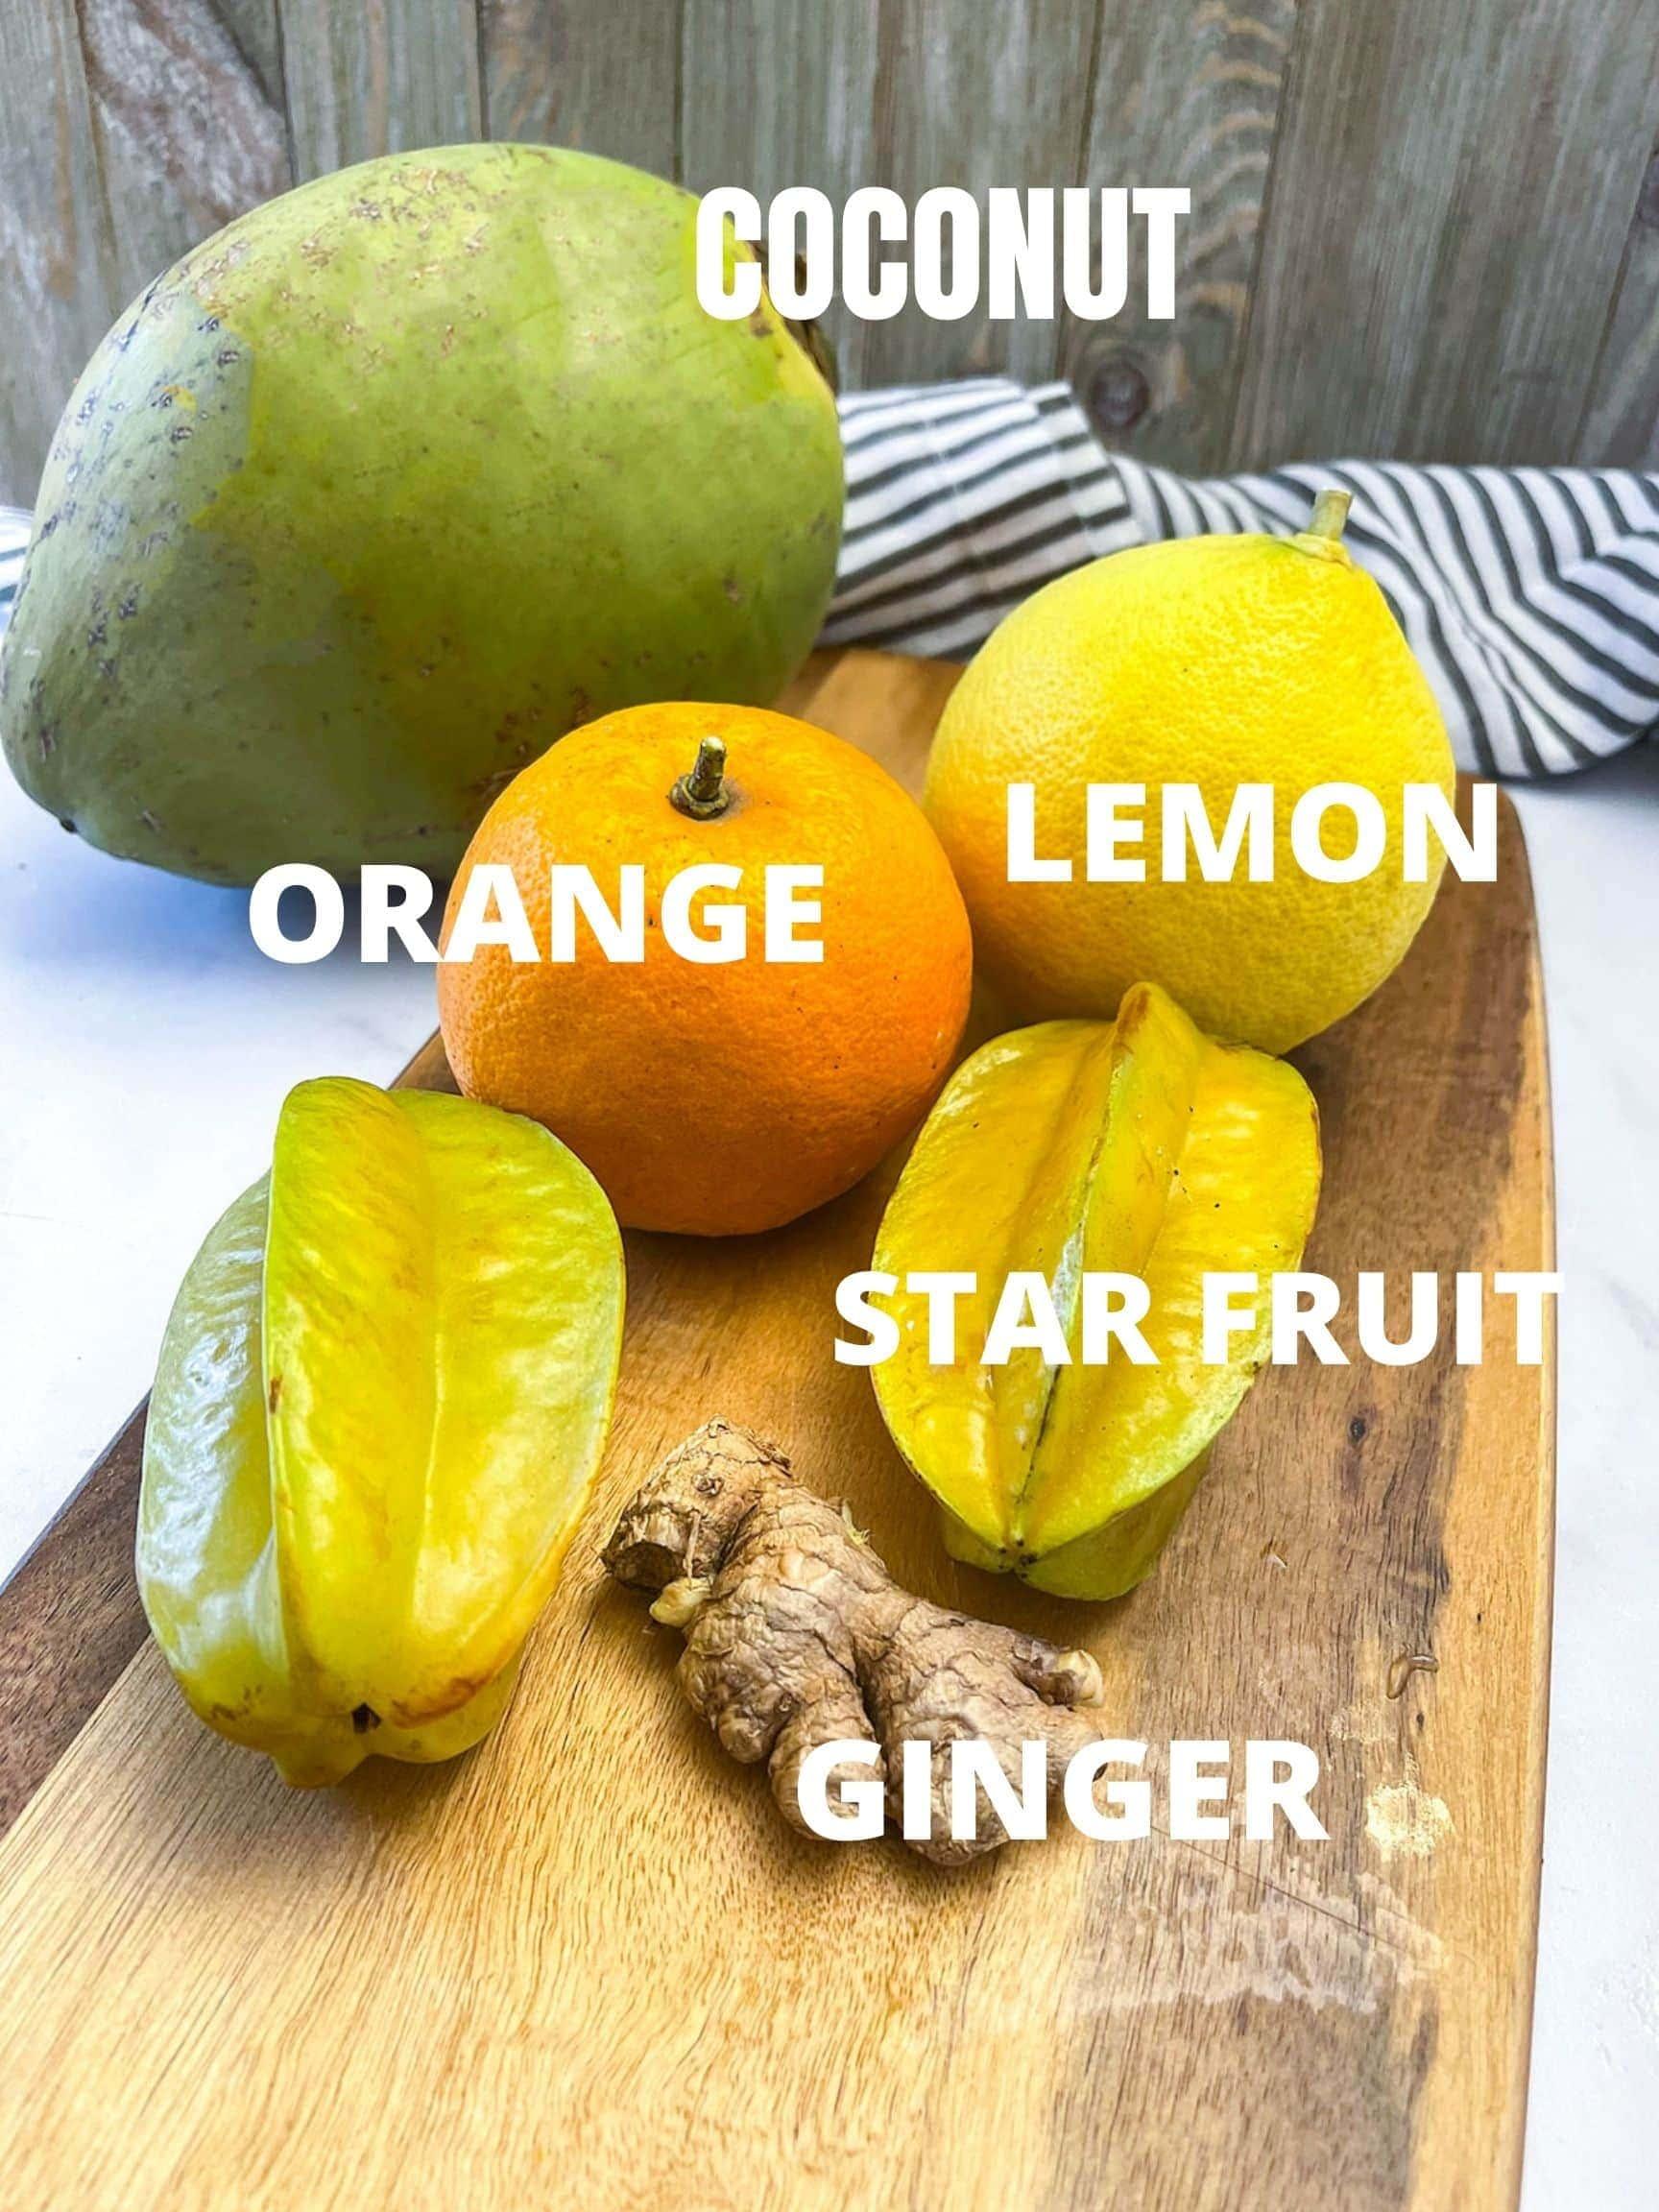 Star fruit juice ingredients